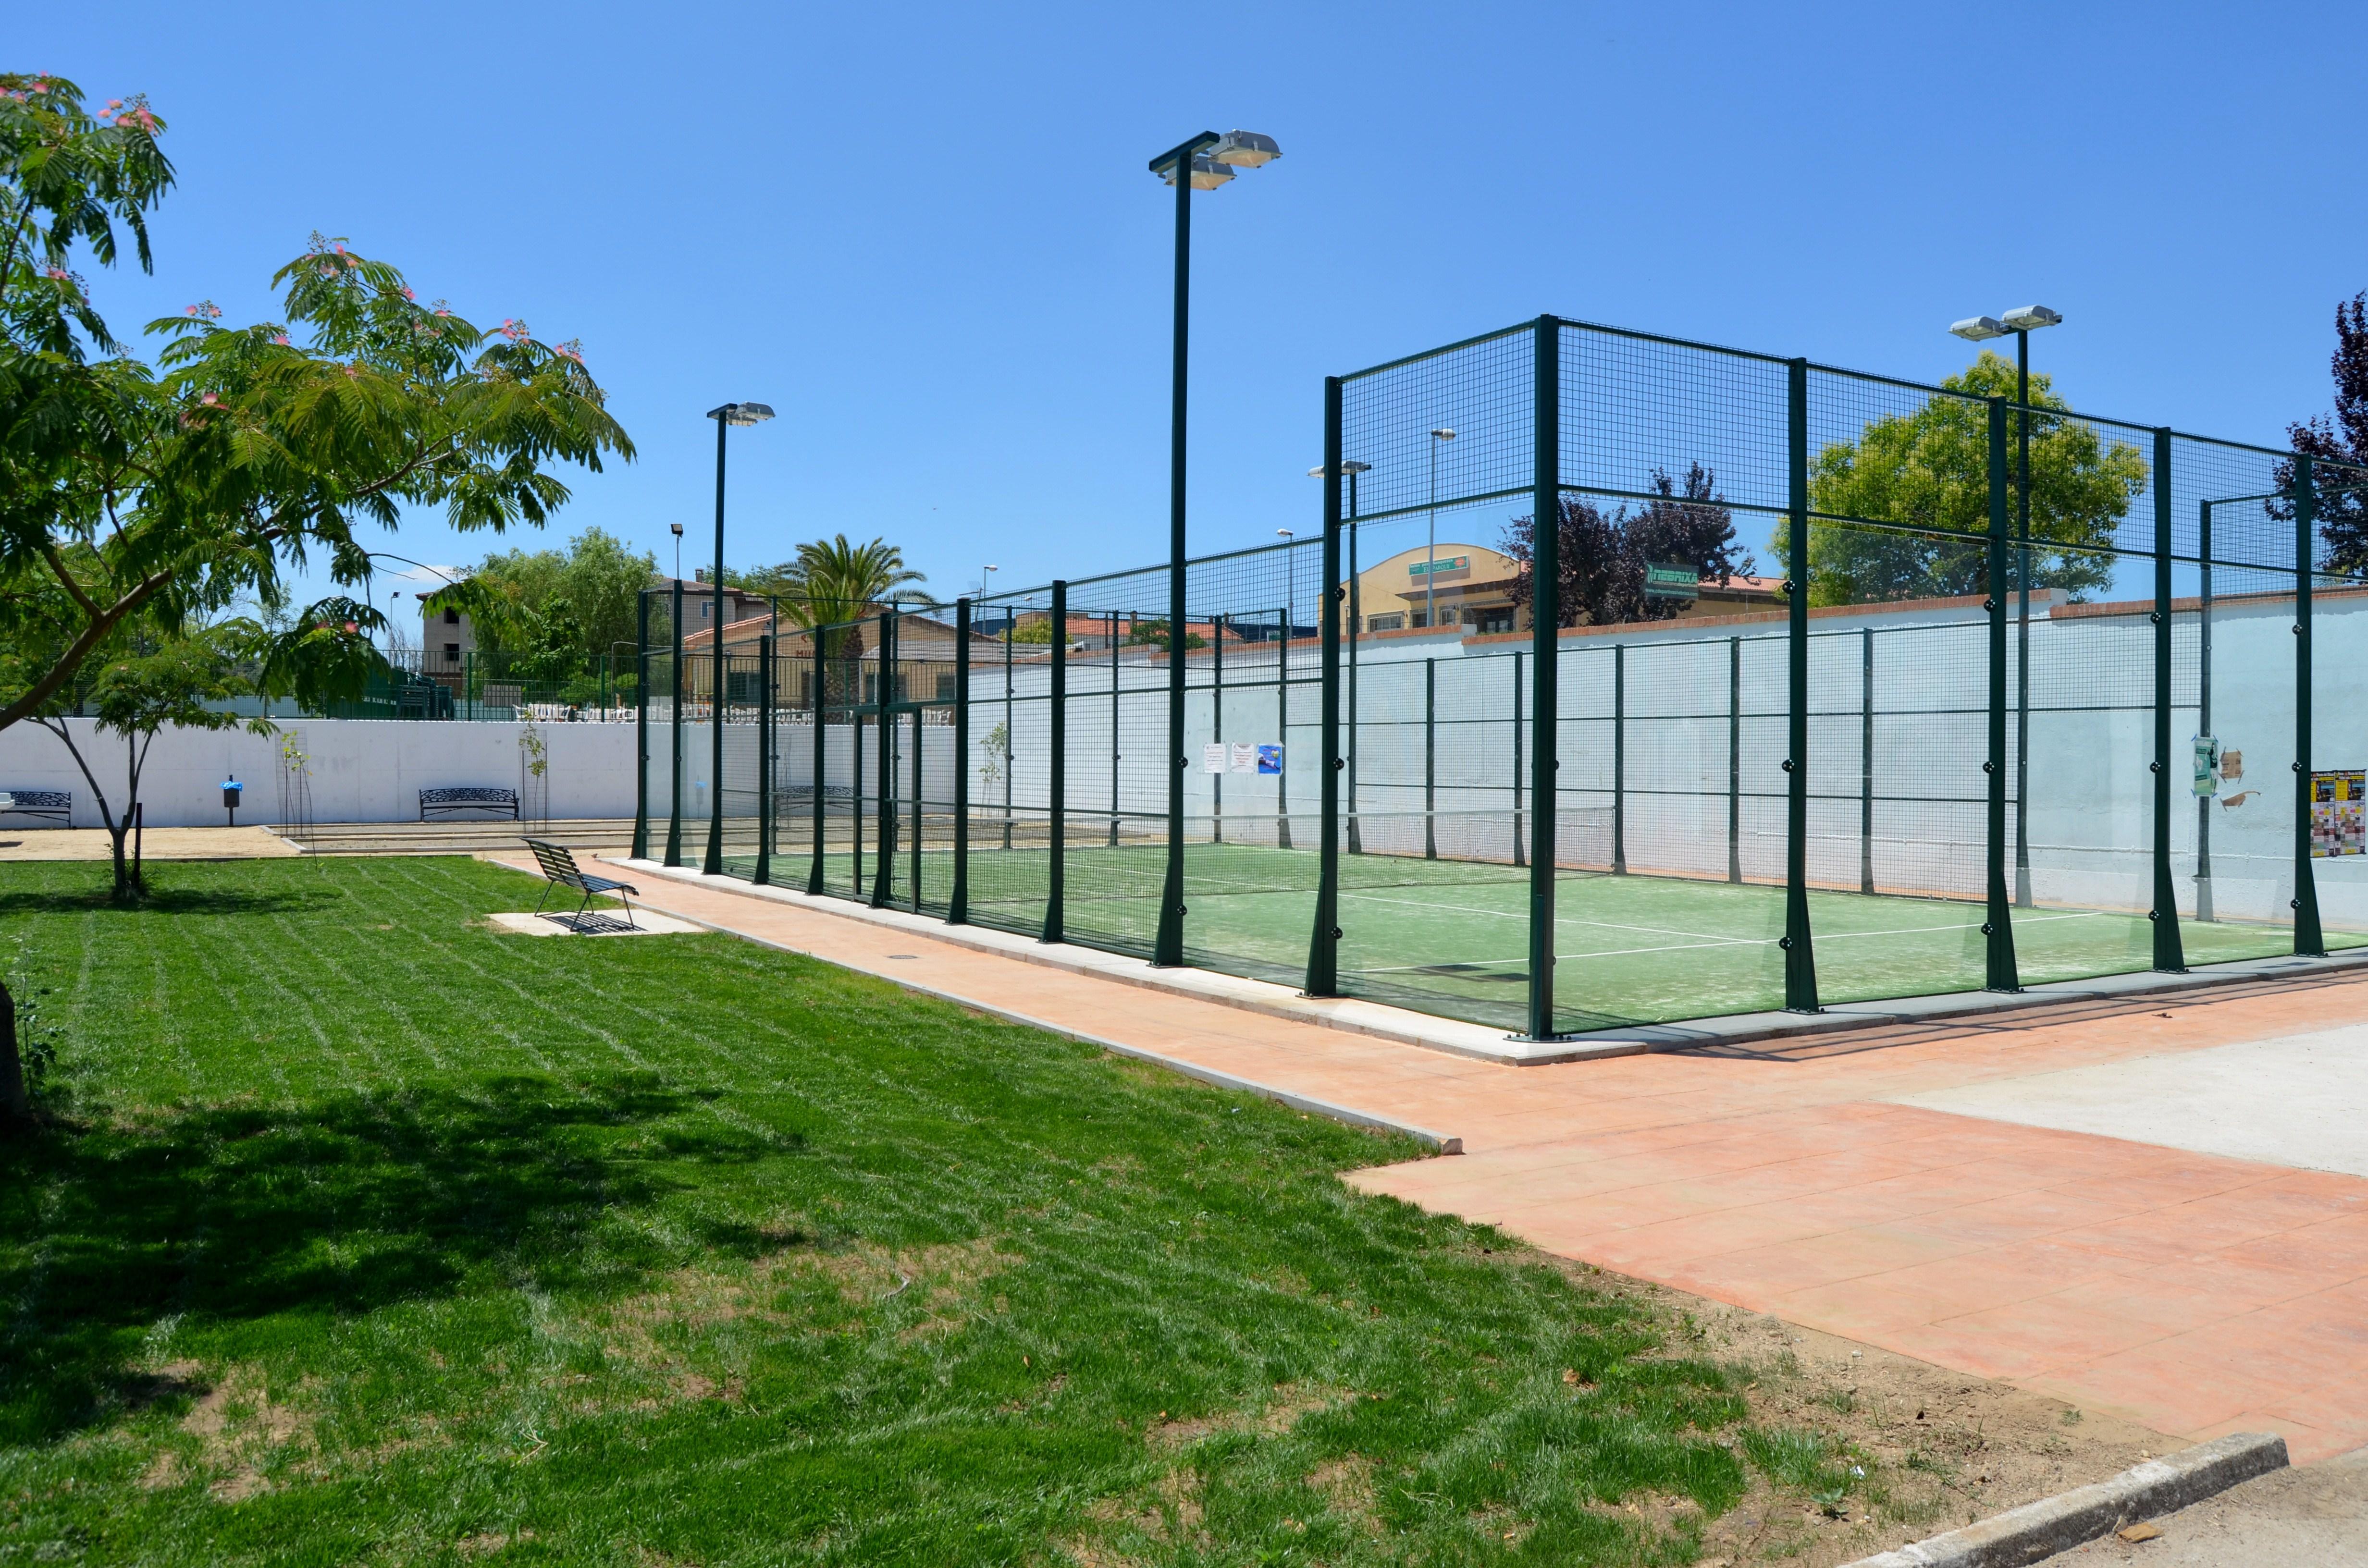 El Director General de Deportes visitó las nuevas instalaciones deportivas en Torrejoncillo y Valdencín